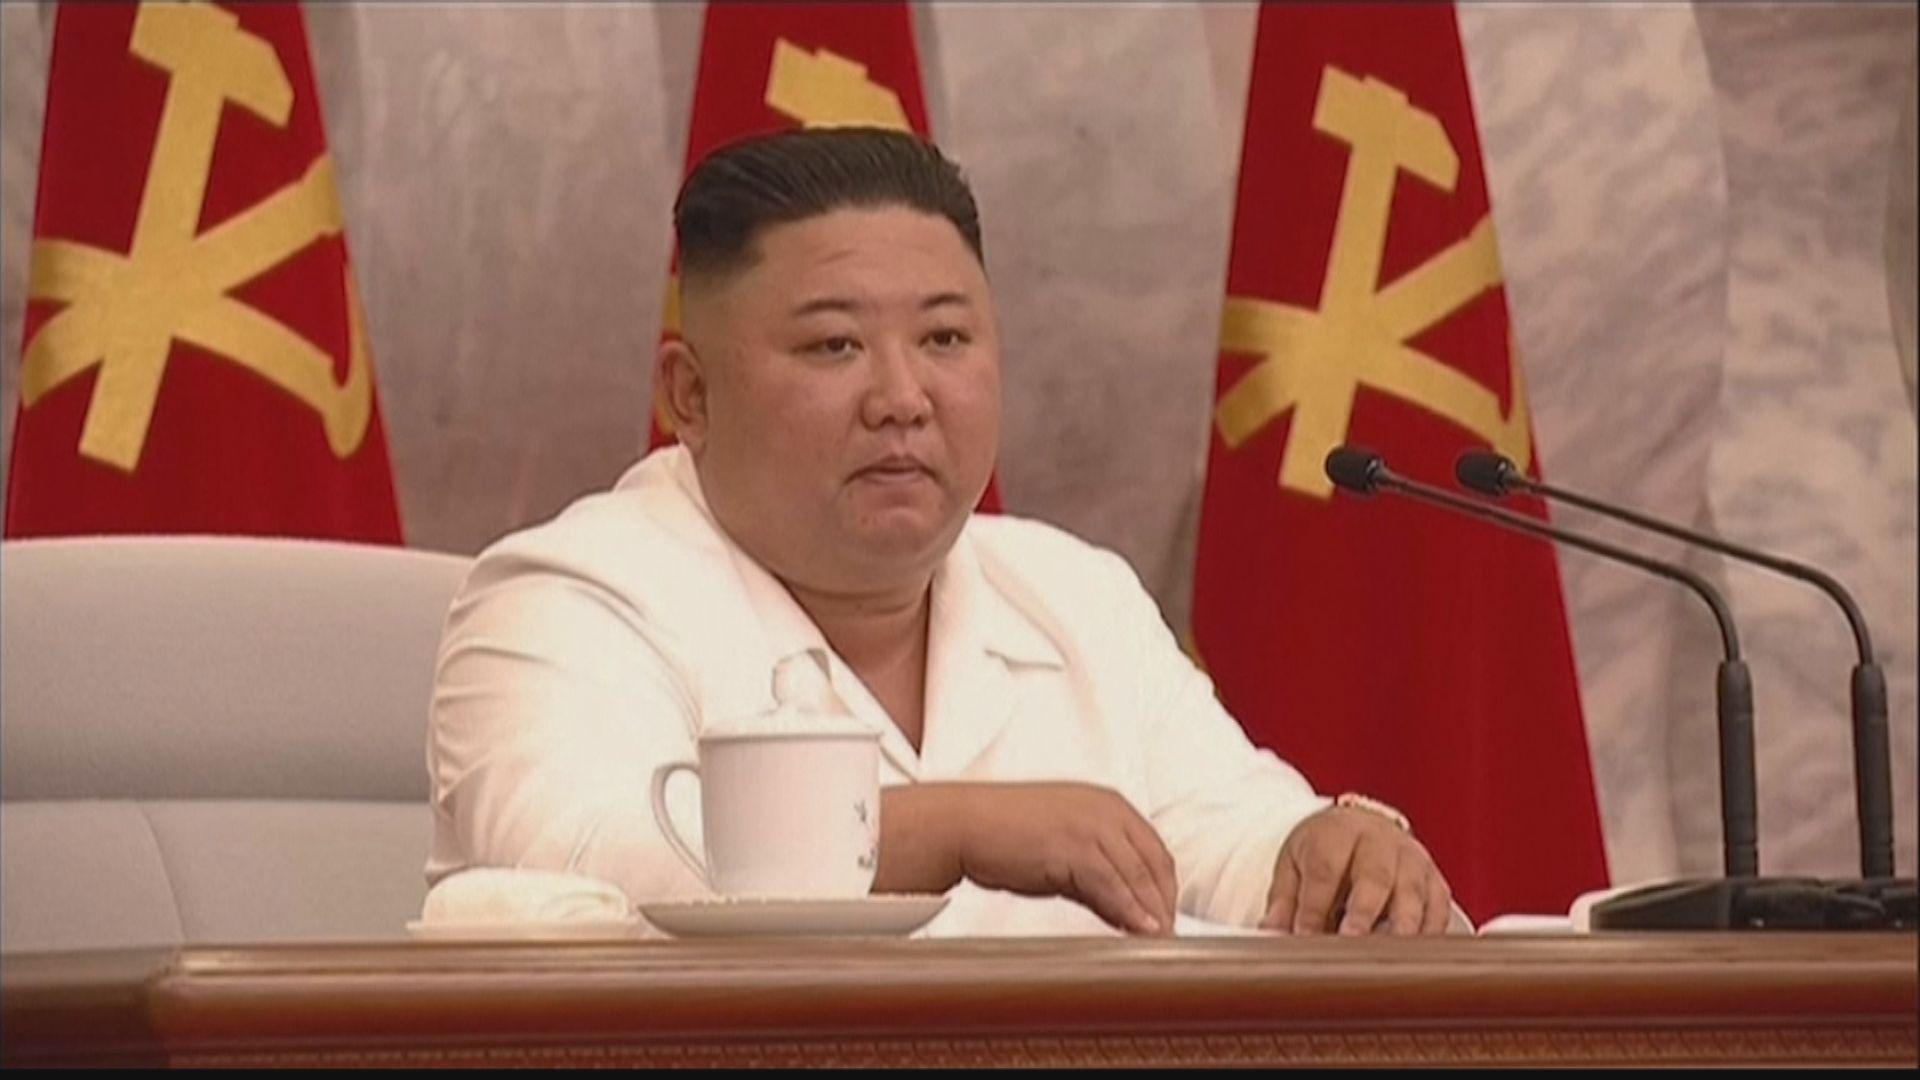 金正恩主持會議未提兩韓關係 文在寅重組對朝事務班子